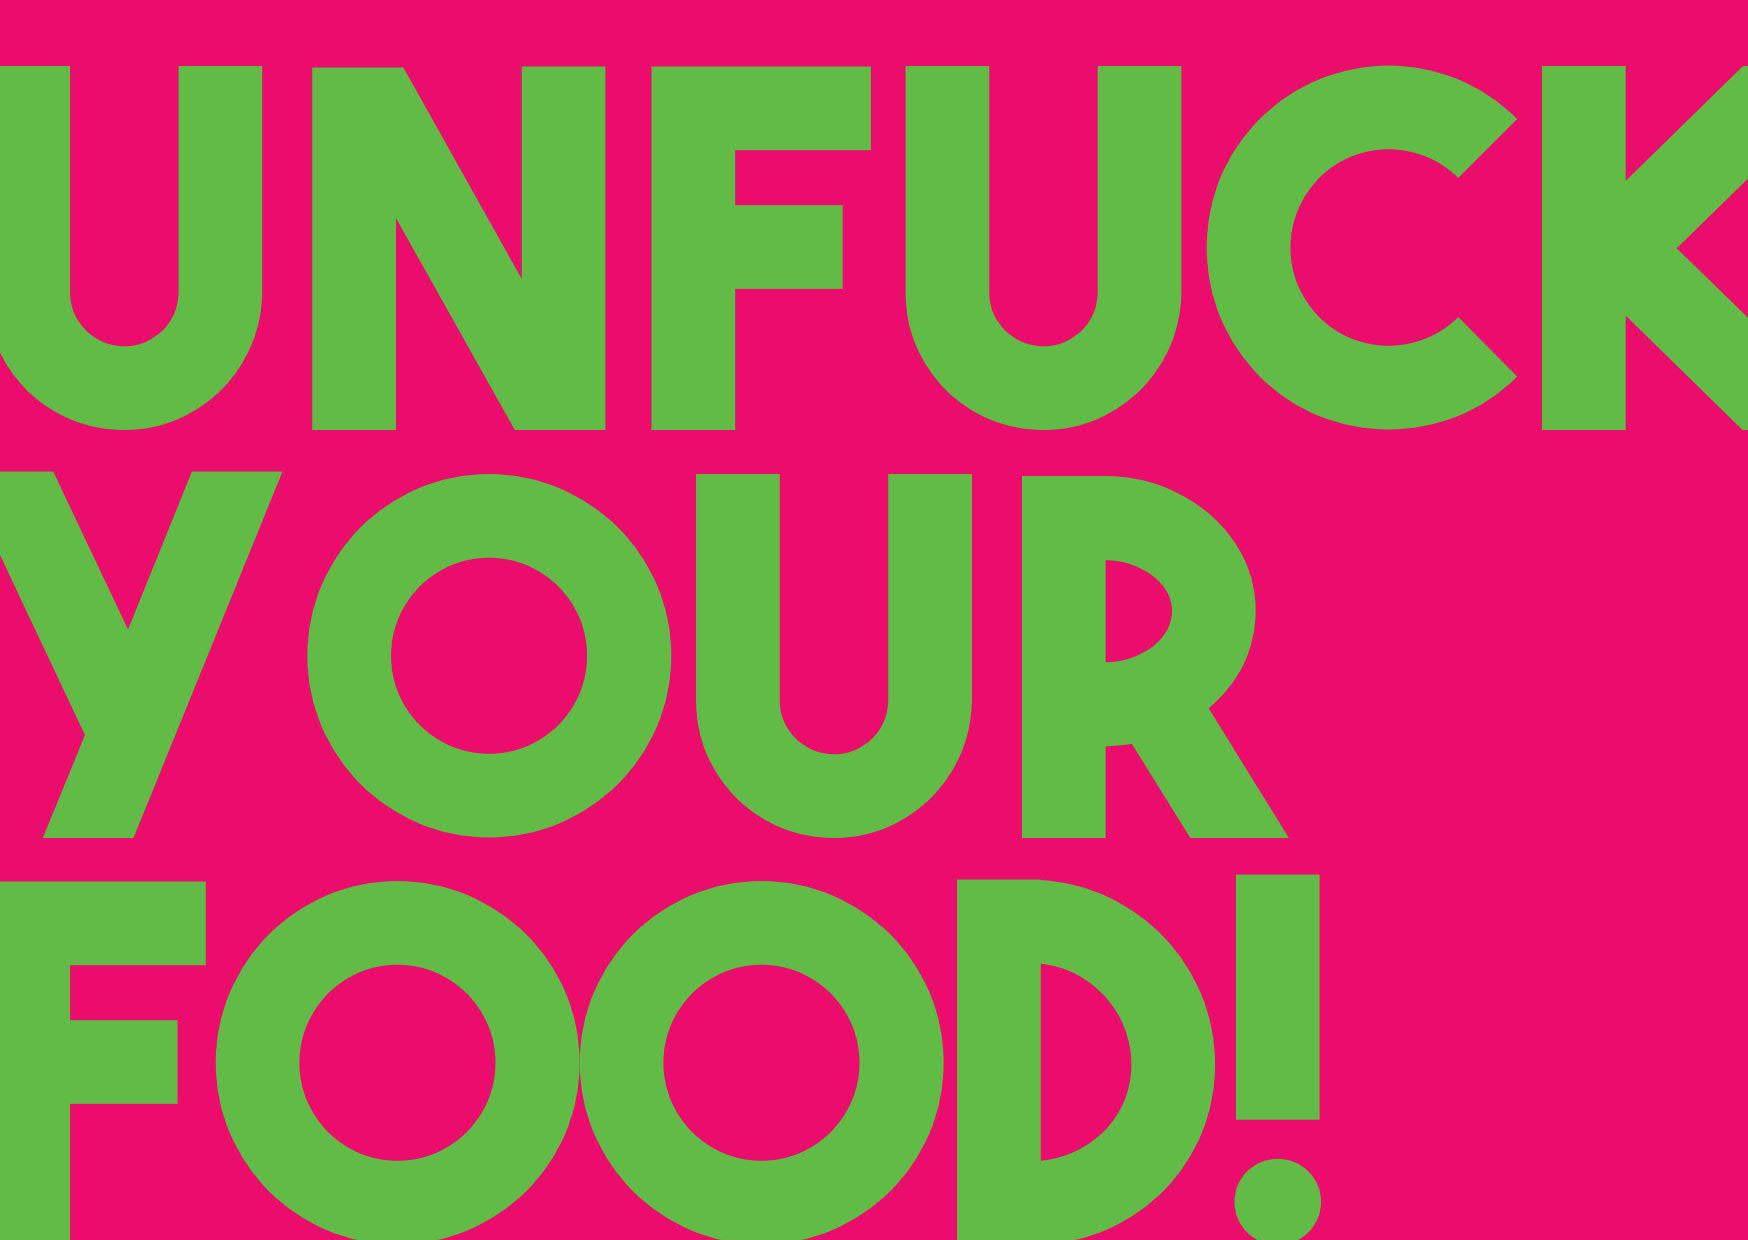 Lustige Sprüche Essen, Ernährung, Küche. Gesunde Ernährung, Freude ...